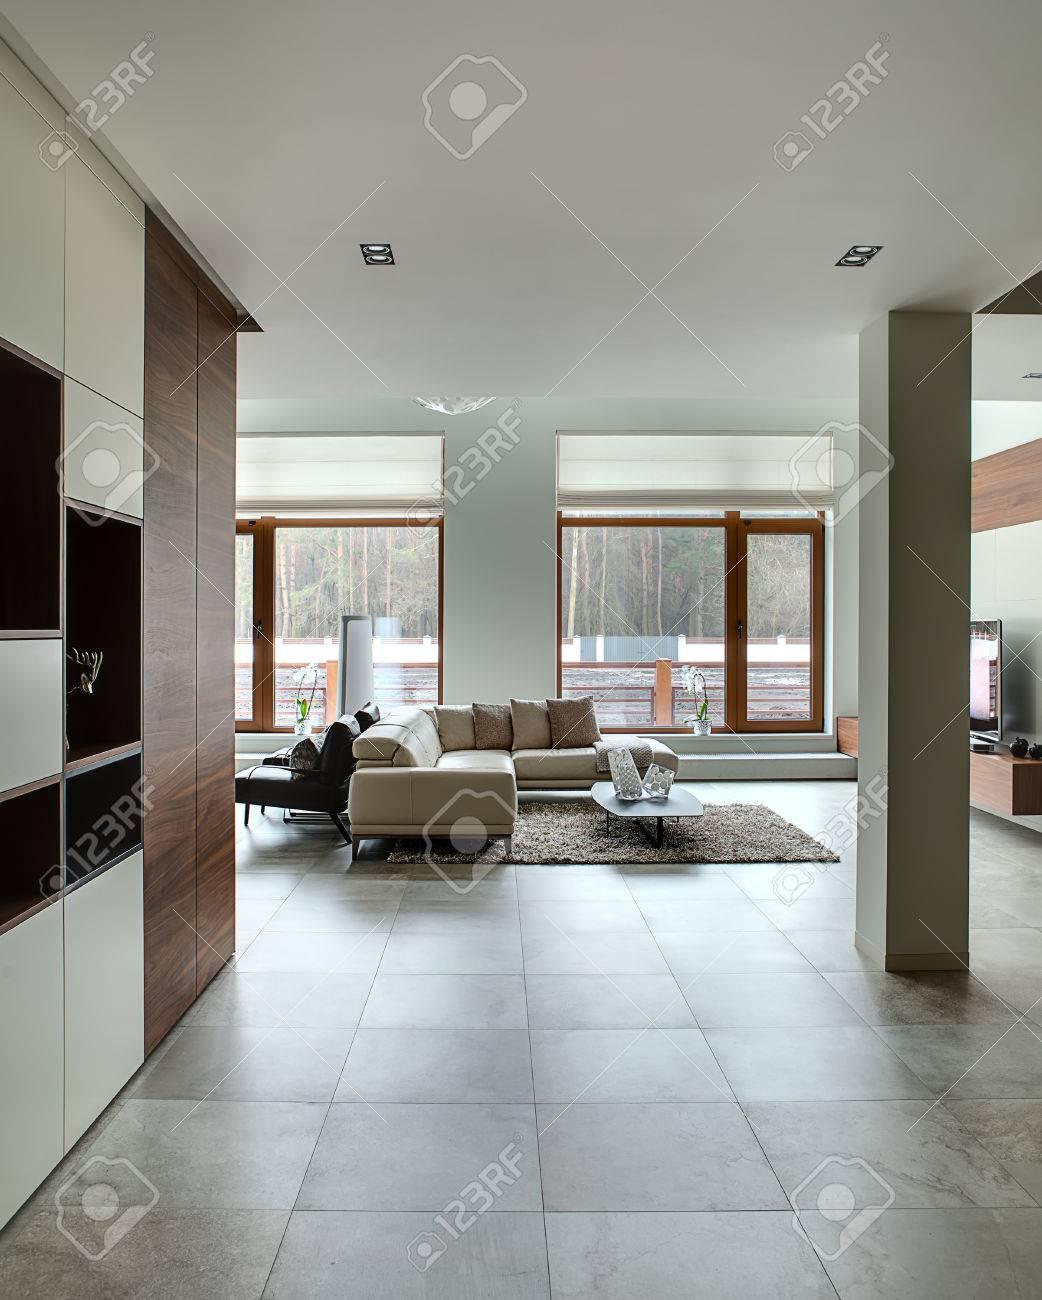 Hall In Einem Modernen Stil Mit Hellen Wänden Und Hellen Fliesen Auf